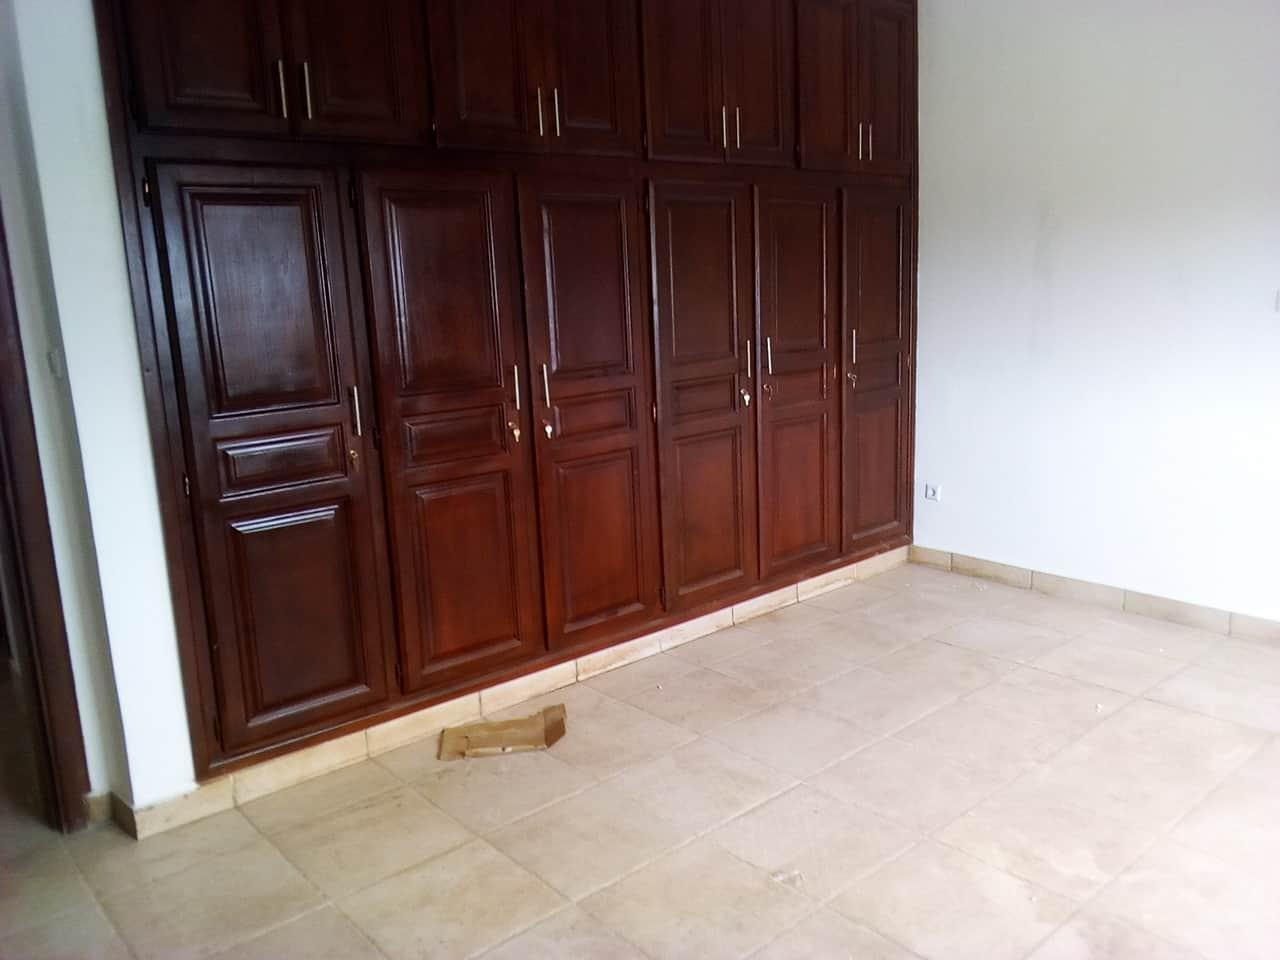 Apartment to rent - Yaoundé, Bastos, pas de lambassade despagne - 1 living room(s), 2 bedroom(s), 3 bathroom(s) - 700 000 FCFA / month